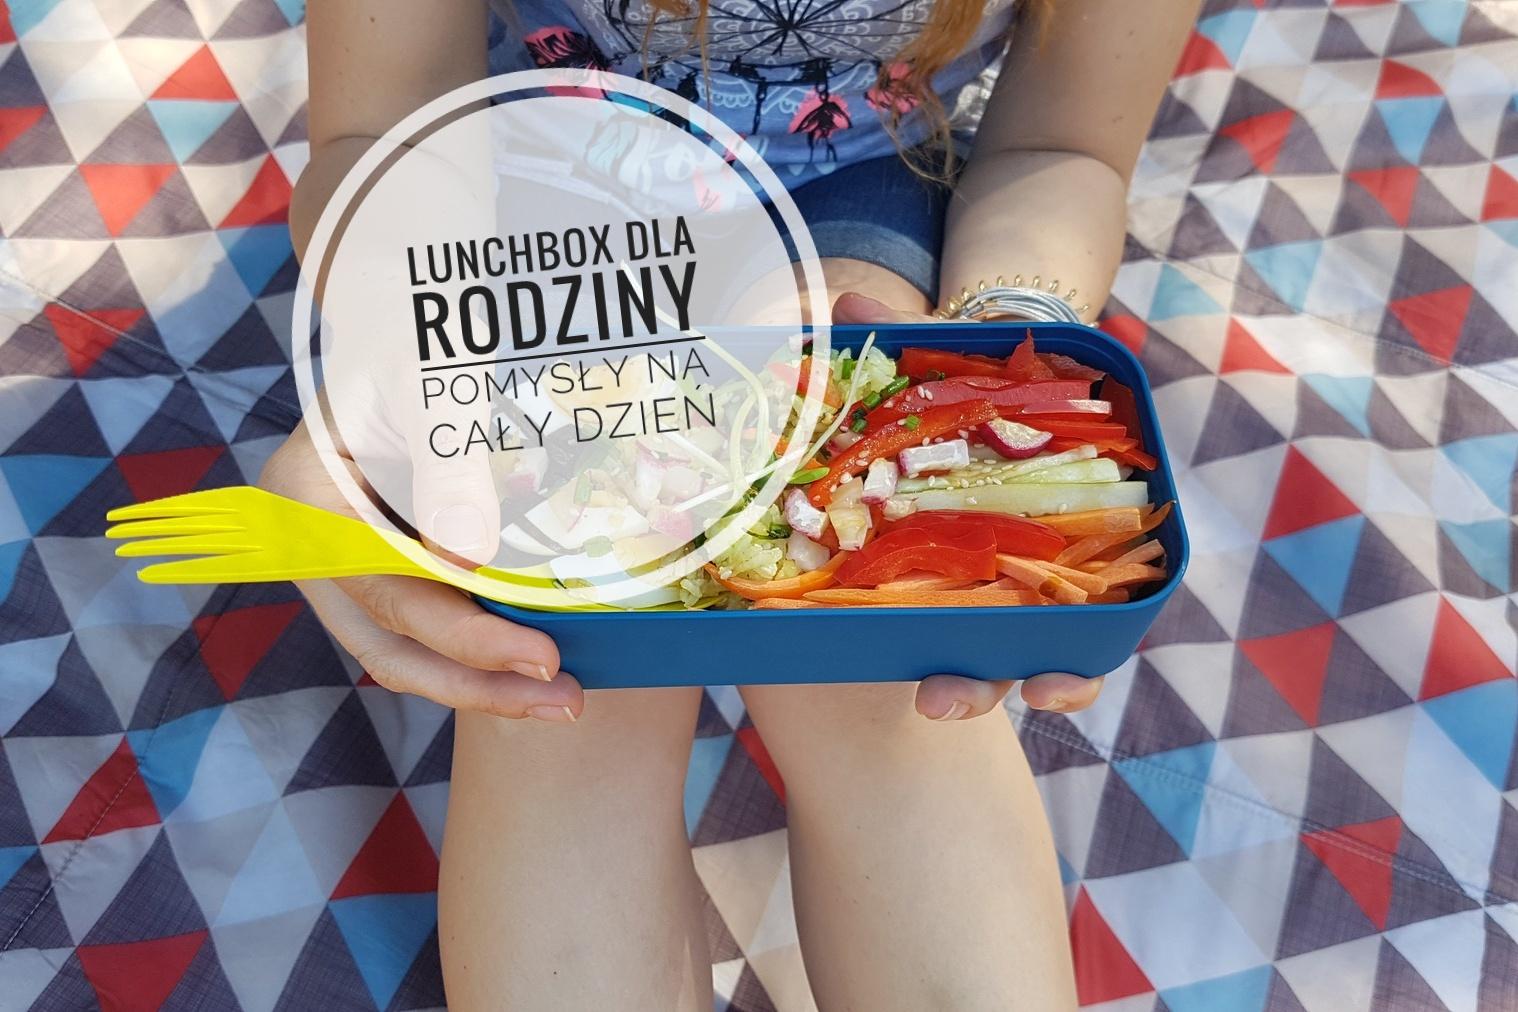 Lunchbox dla rodziny